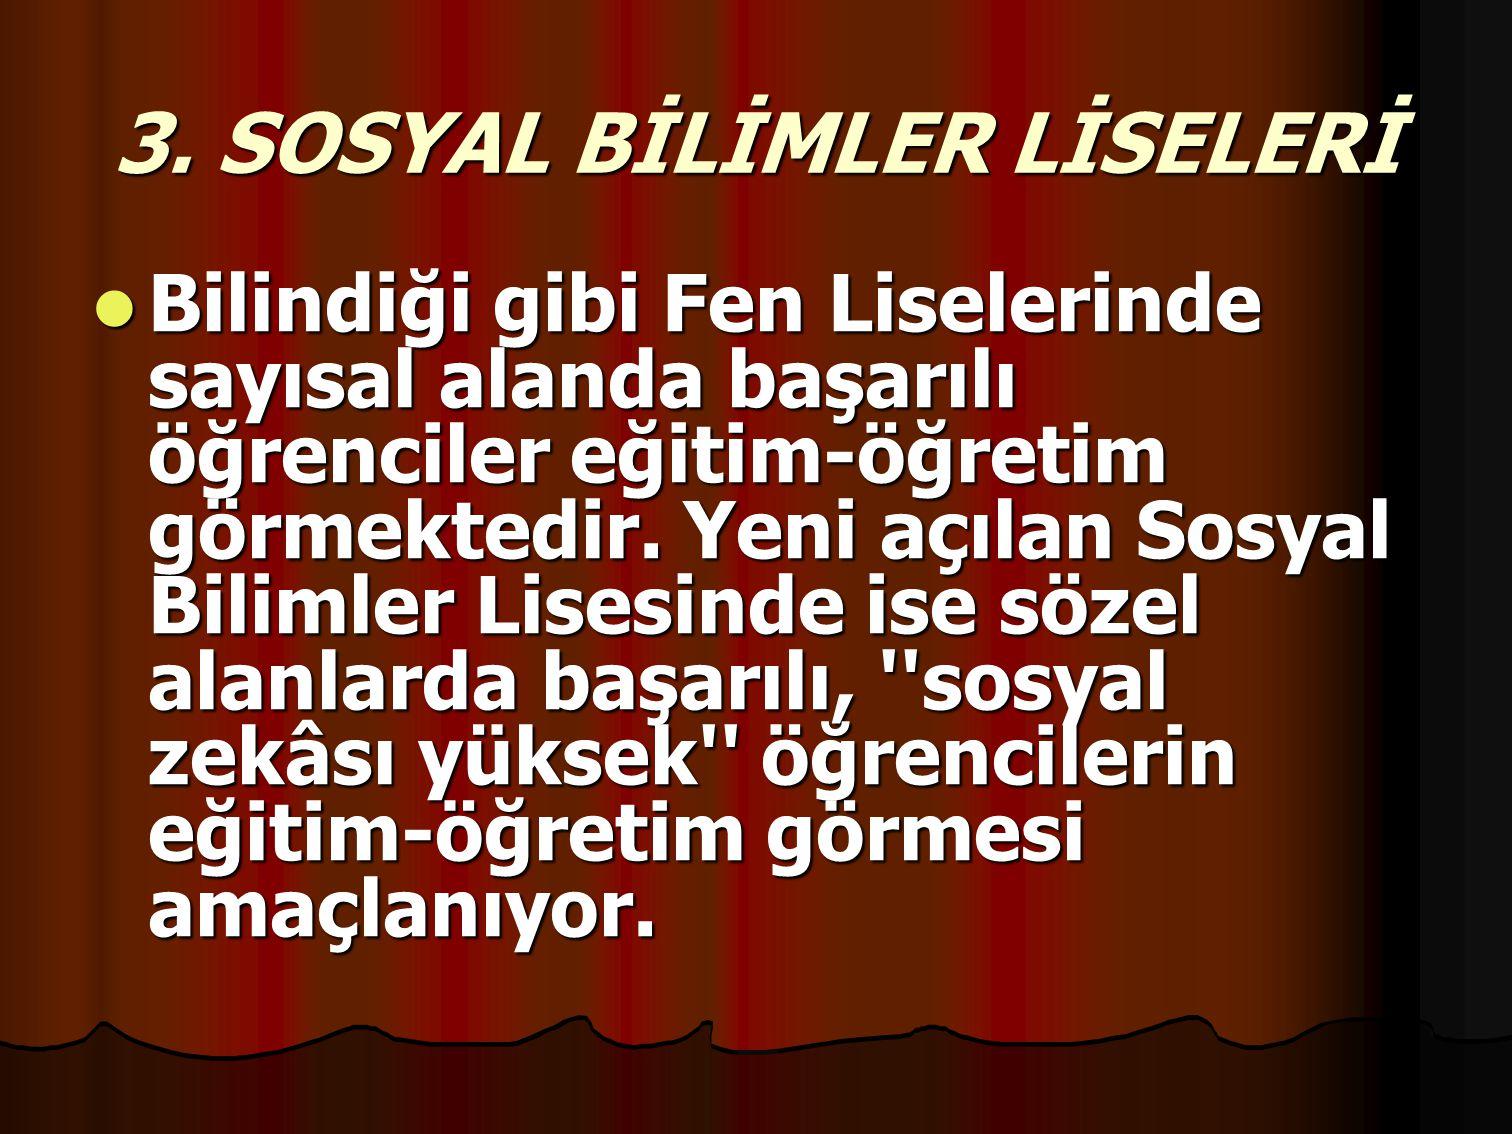 3. SOSYAL BİLİMLER LİSELERİ